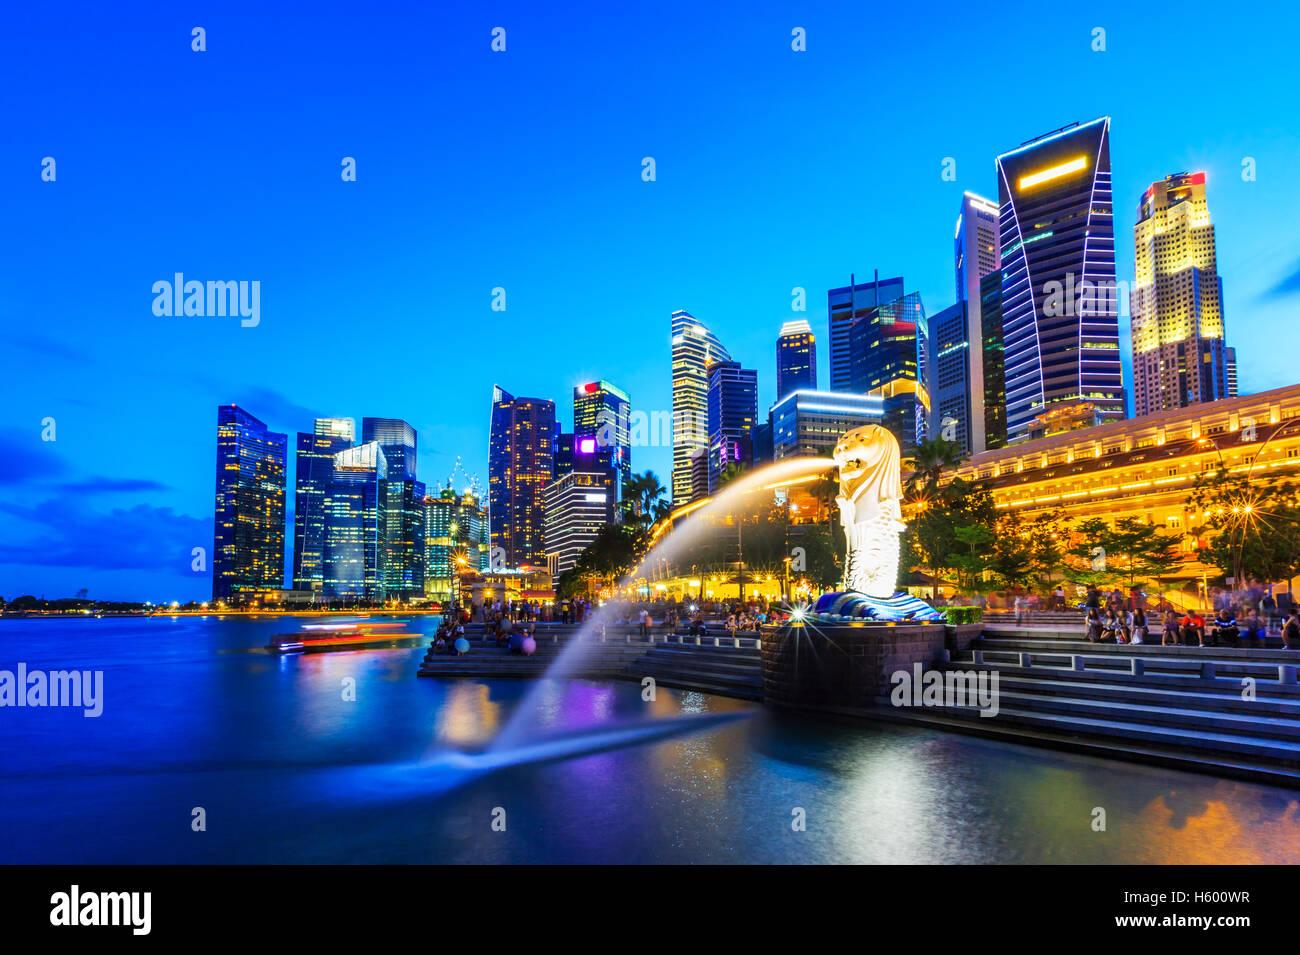 Singapore city skyline. - Stock Image